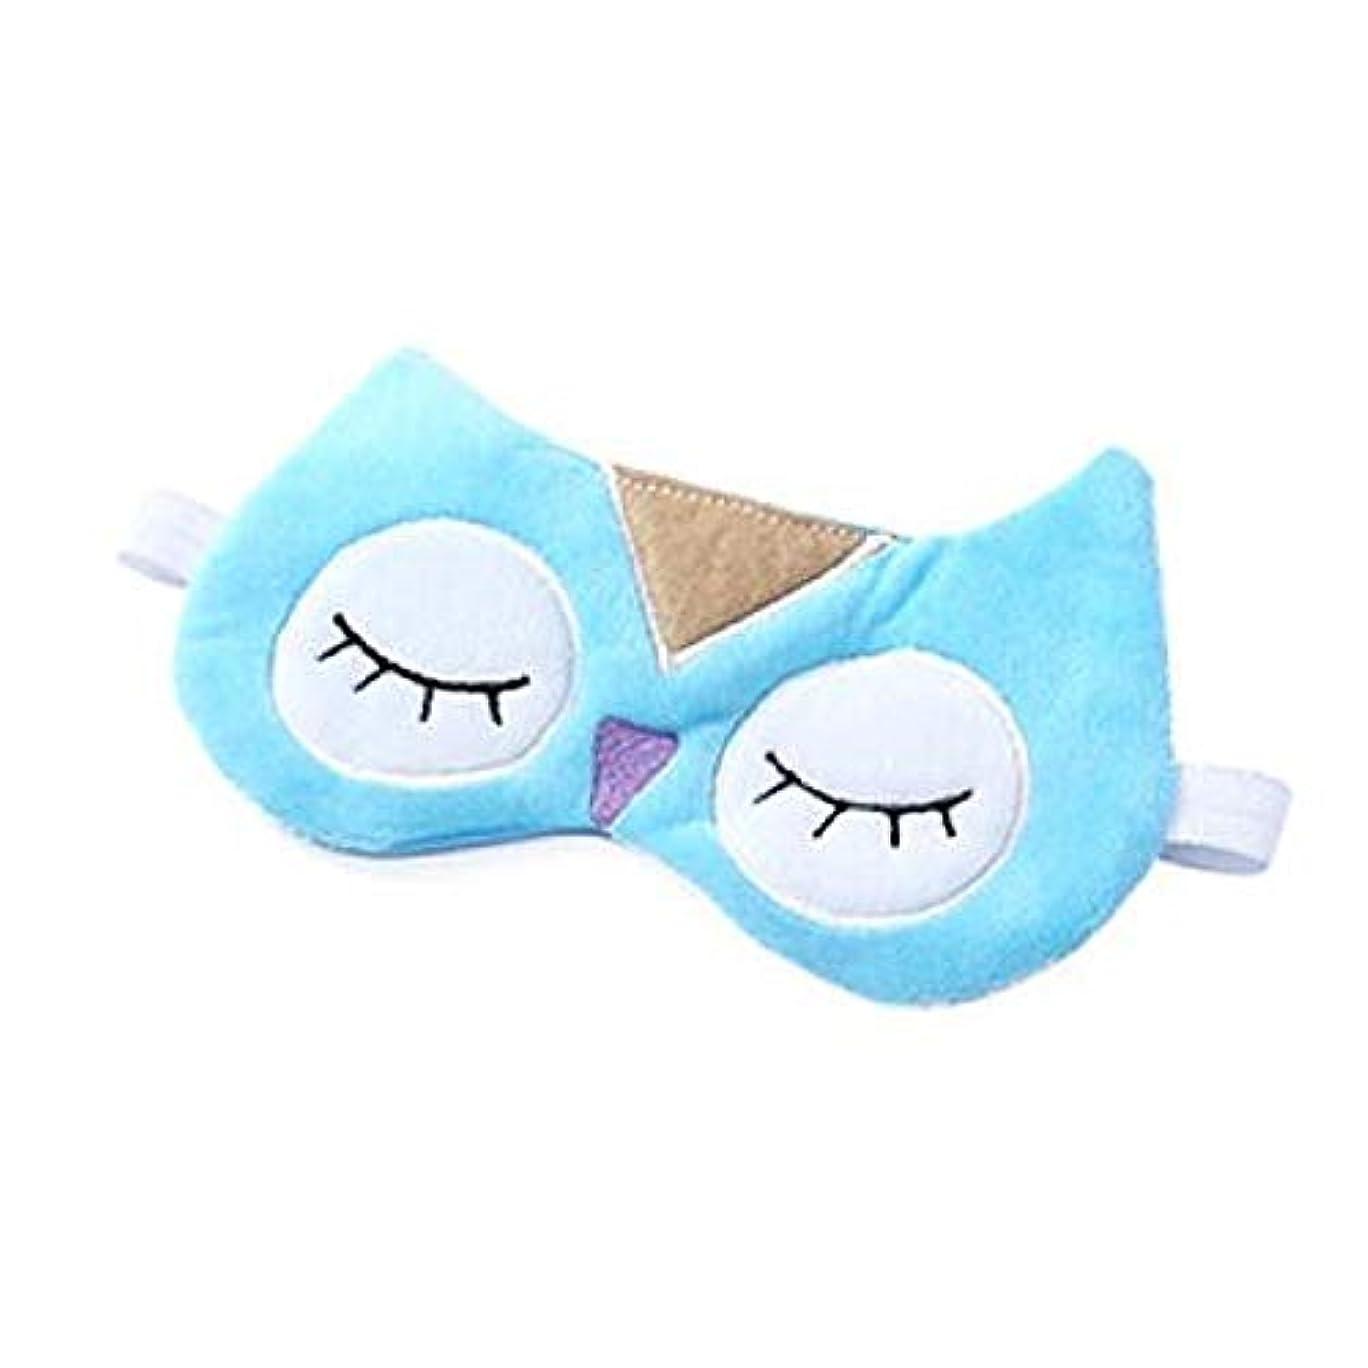 ドループ動力学カメHUICHEN かわいいアイスバッグ睡眠ゴーグルゴーグルの男性と女性の青いフクロウ冷湿布ゴーグルを寝 (Color : Blue)